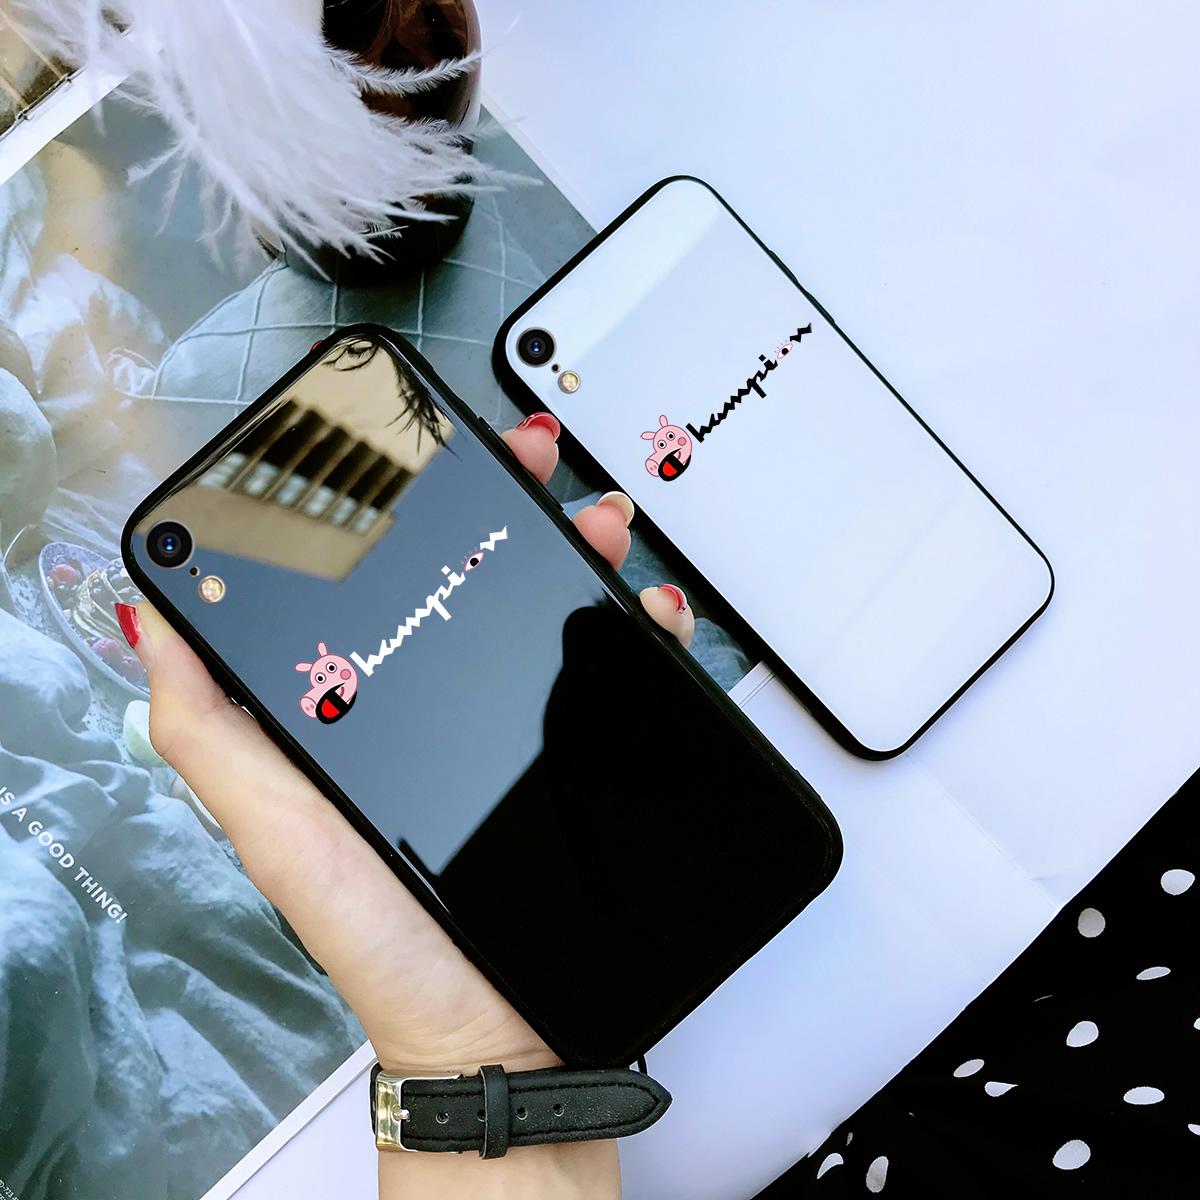 iPhone苹果xr手机壳硅胶玻璃硬壳保护套女创意可爱男大气个性青春超薄卡通高档全包边新款数码简约时尚鼠年